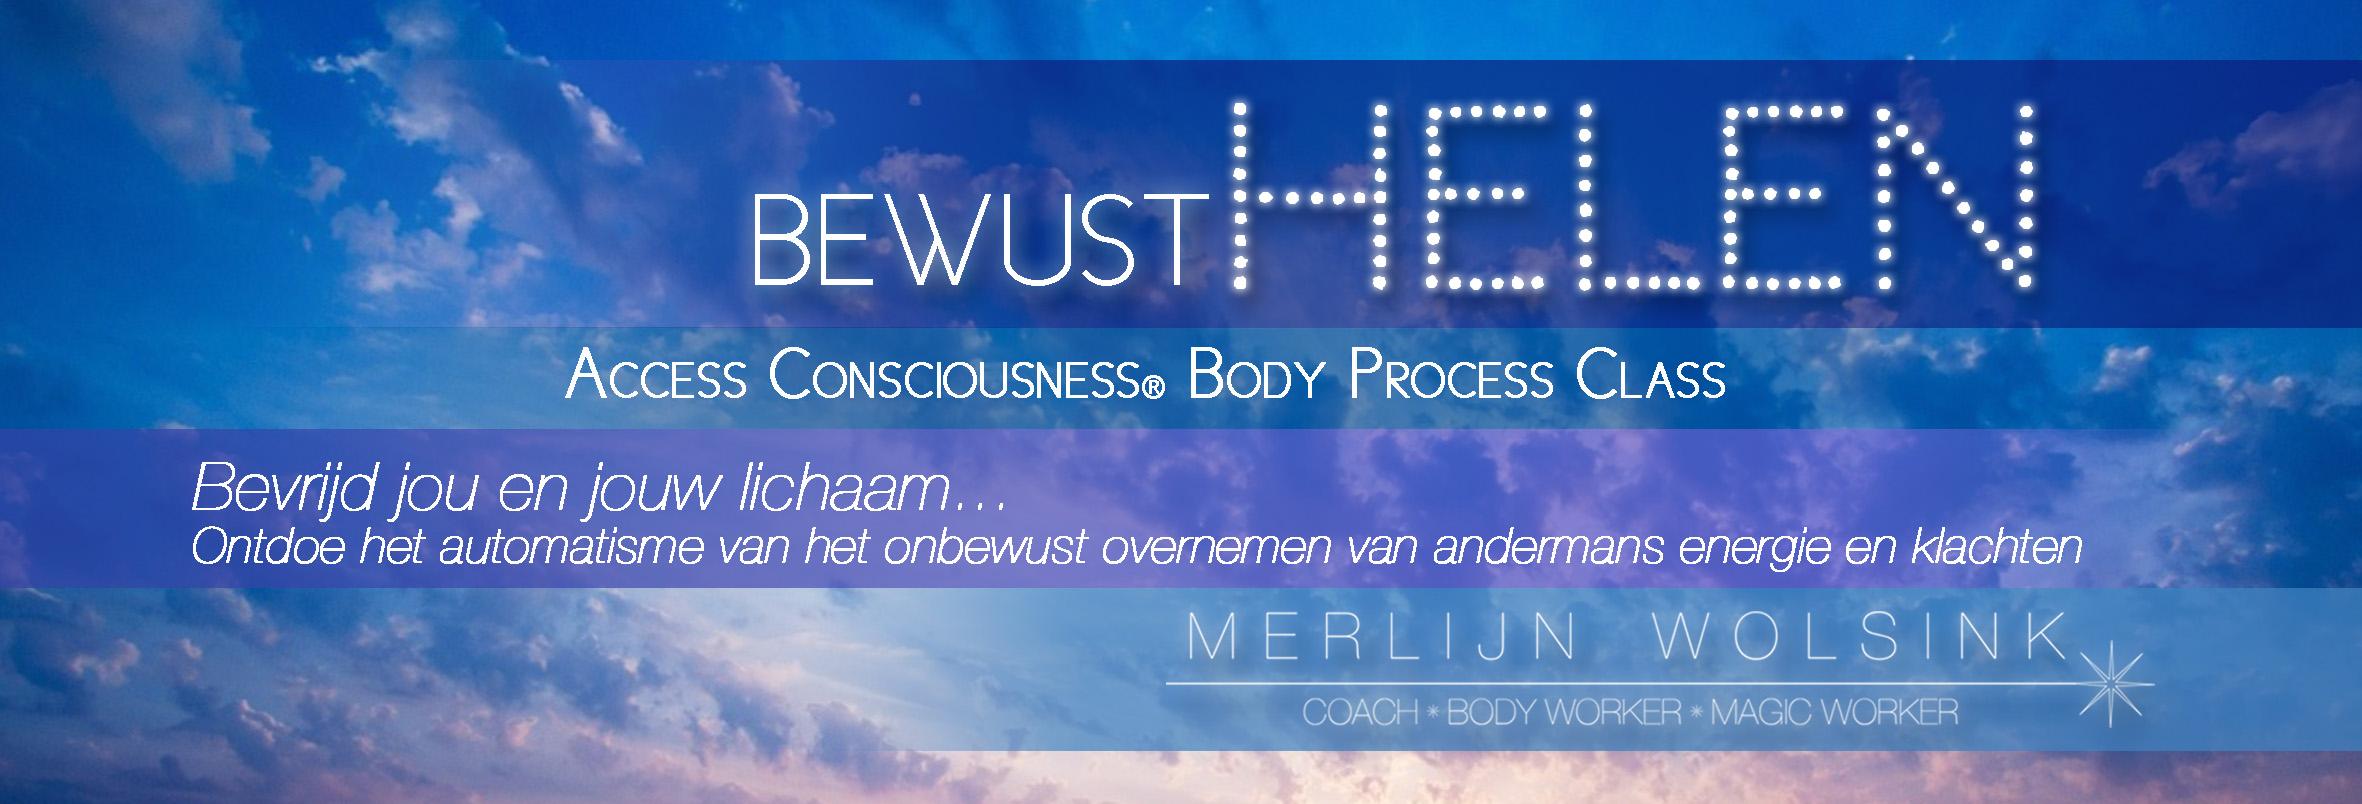 Merlijn Wolsink - Bewust Helen